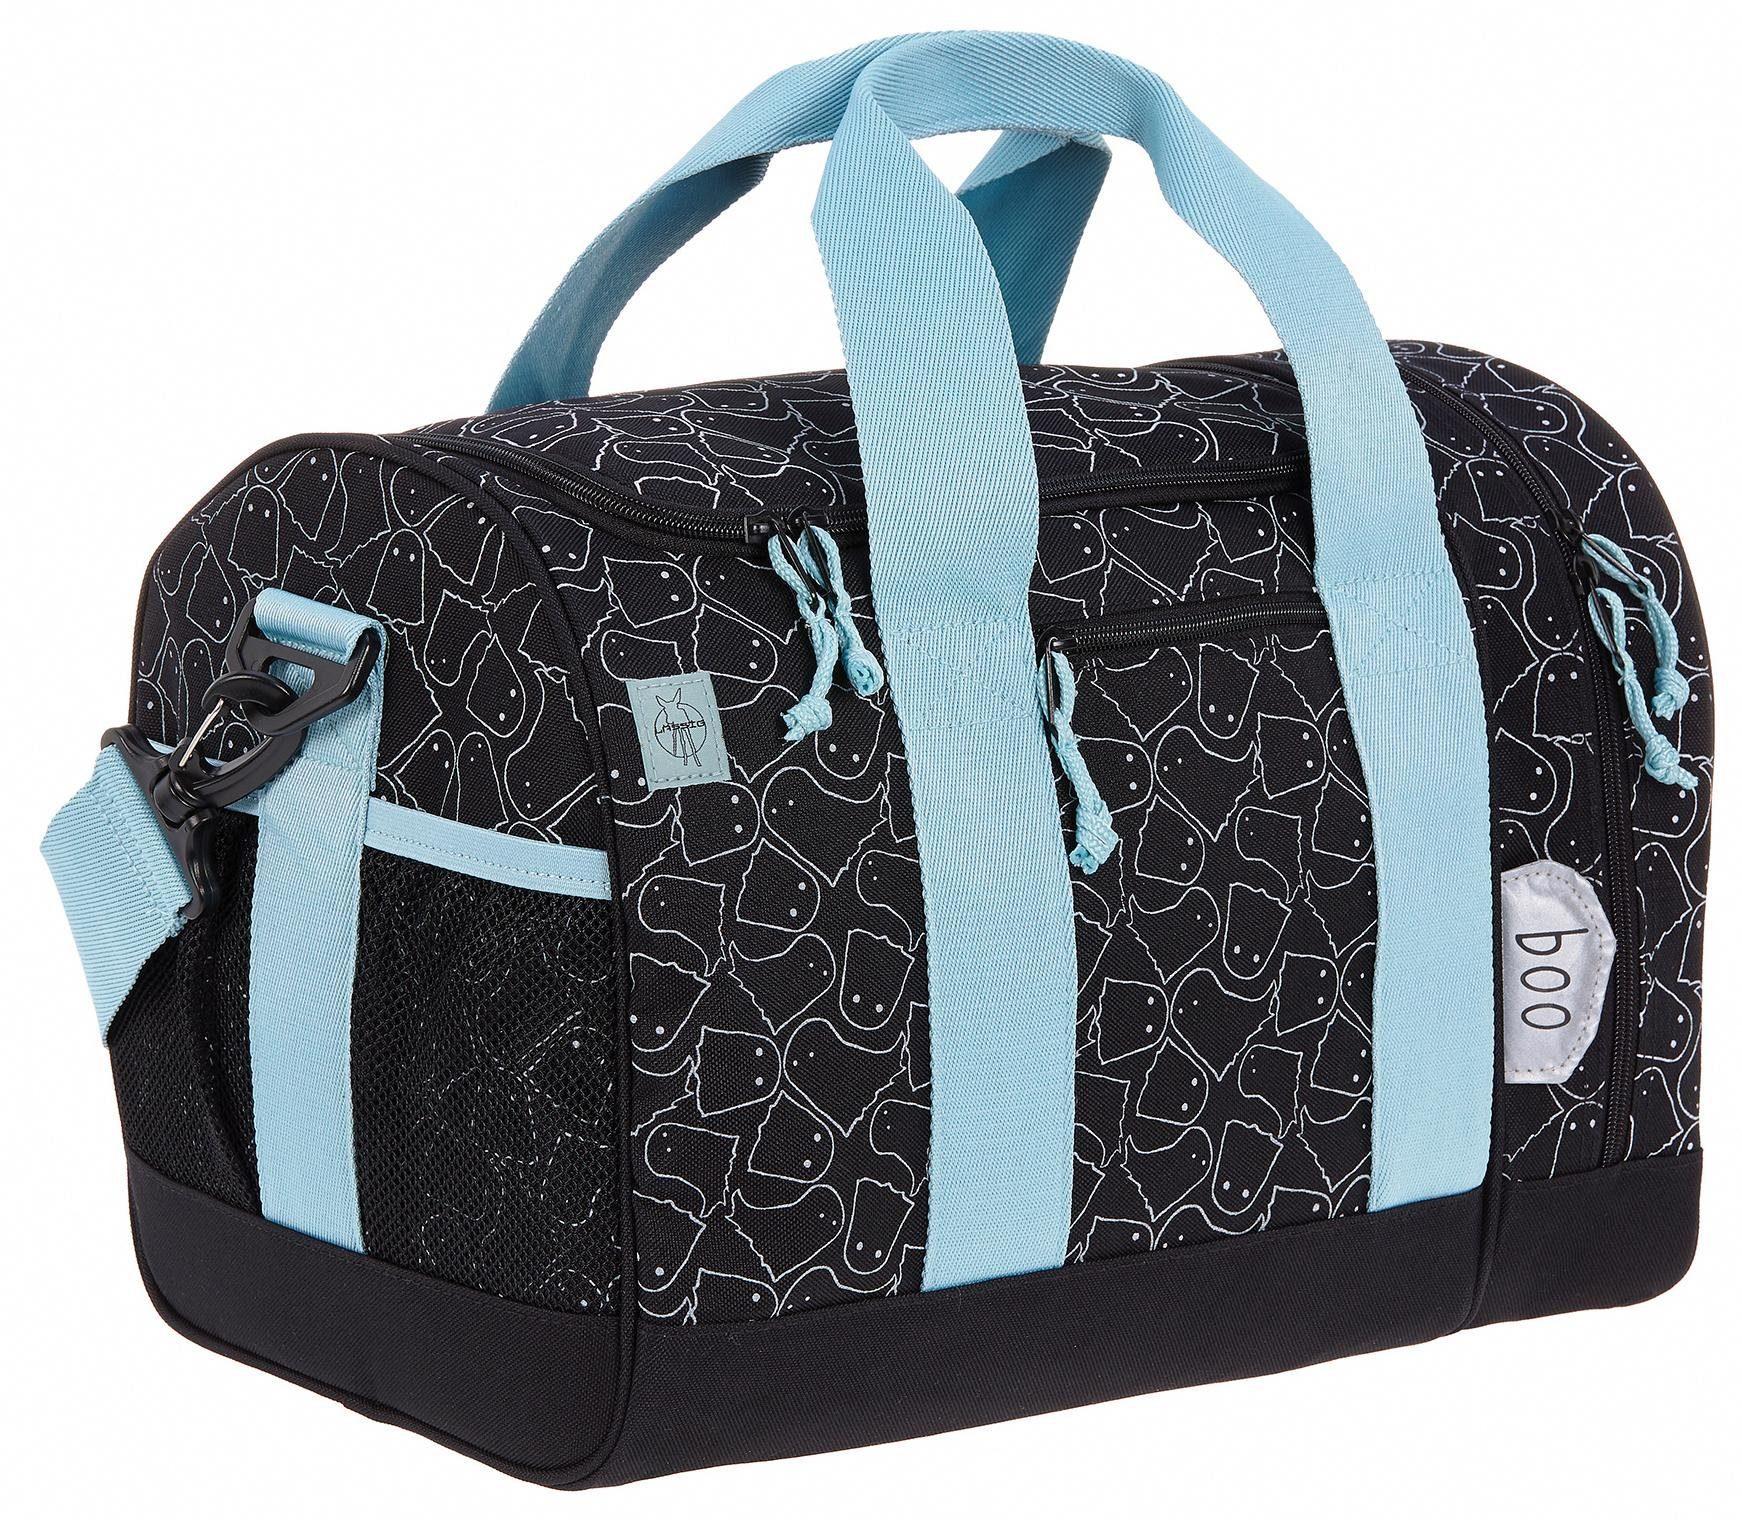 Lässig Sporttasche, »4Kids Mini Sportsbag, Spooky Black«